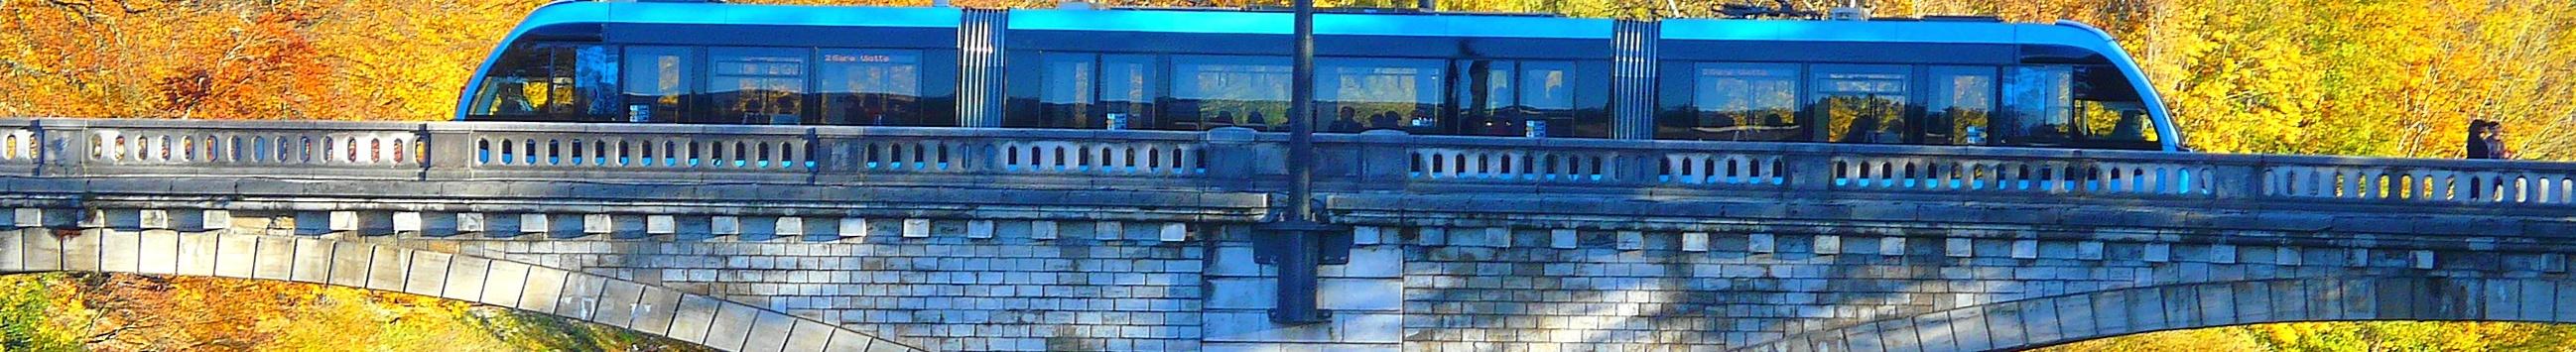 Le Tram sur le Pont St Pierre